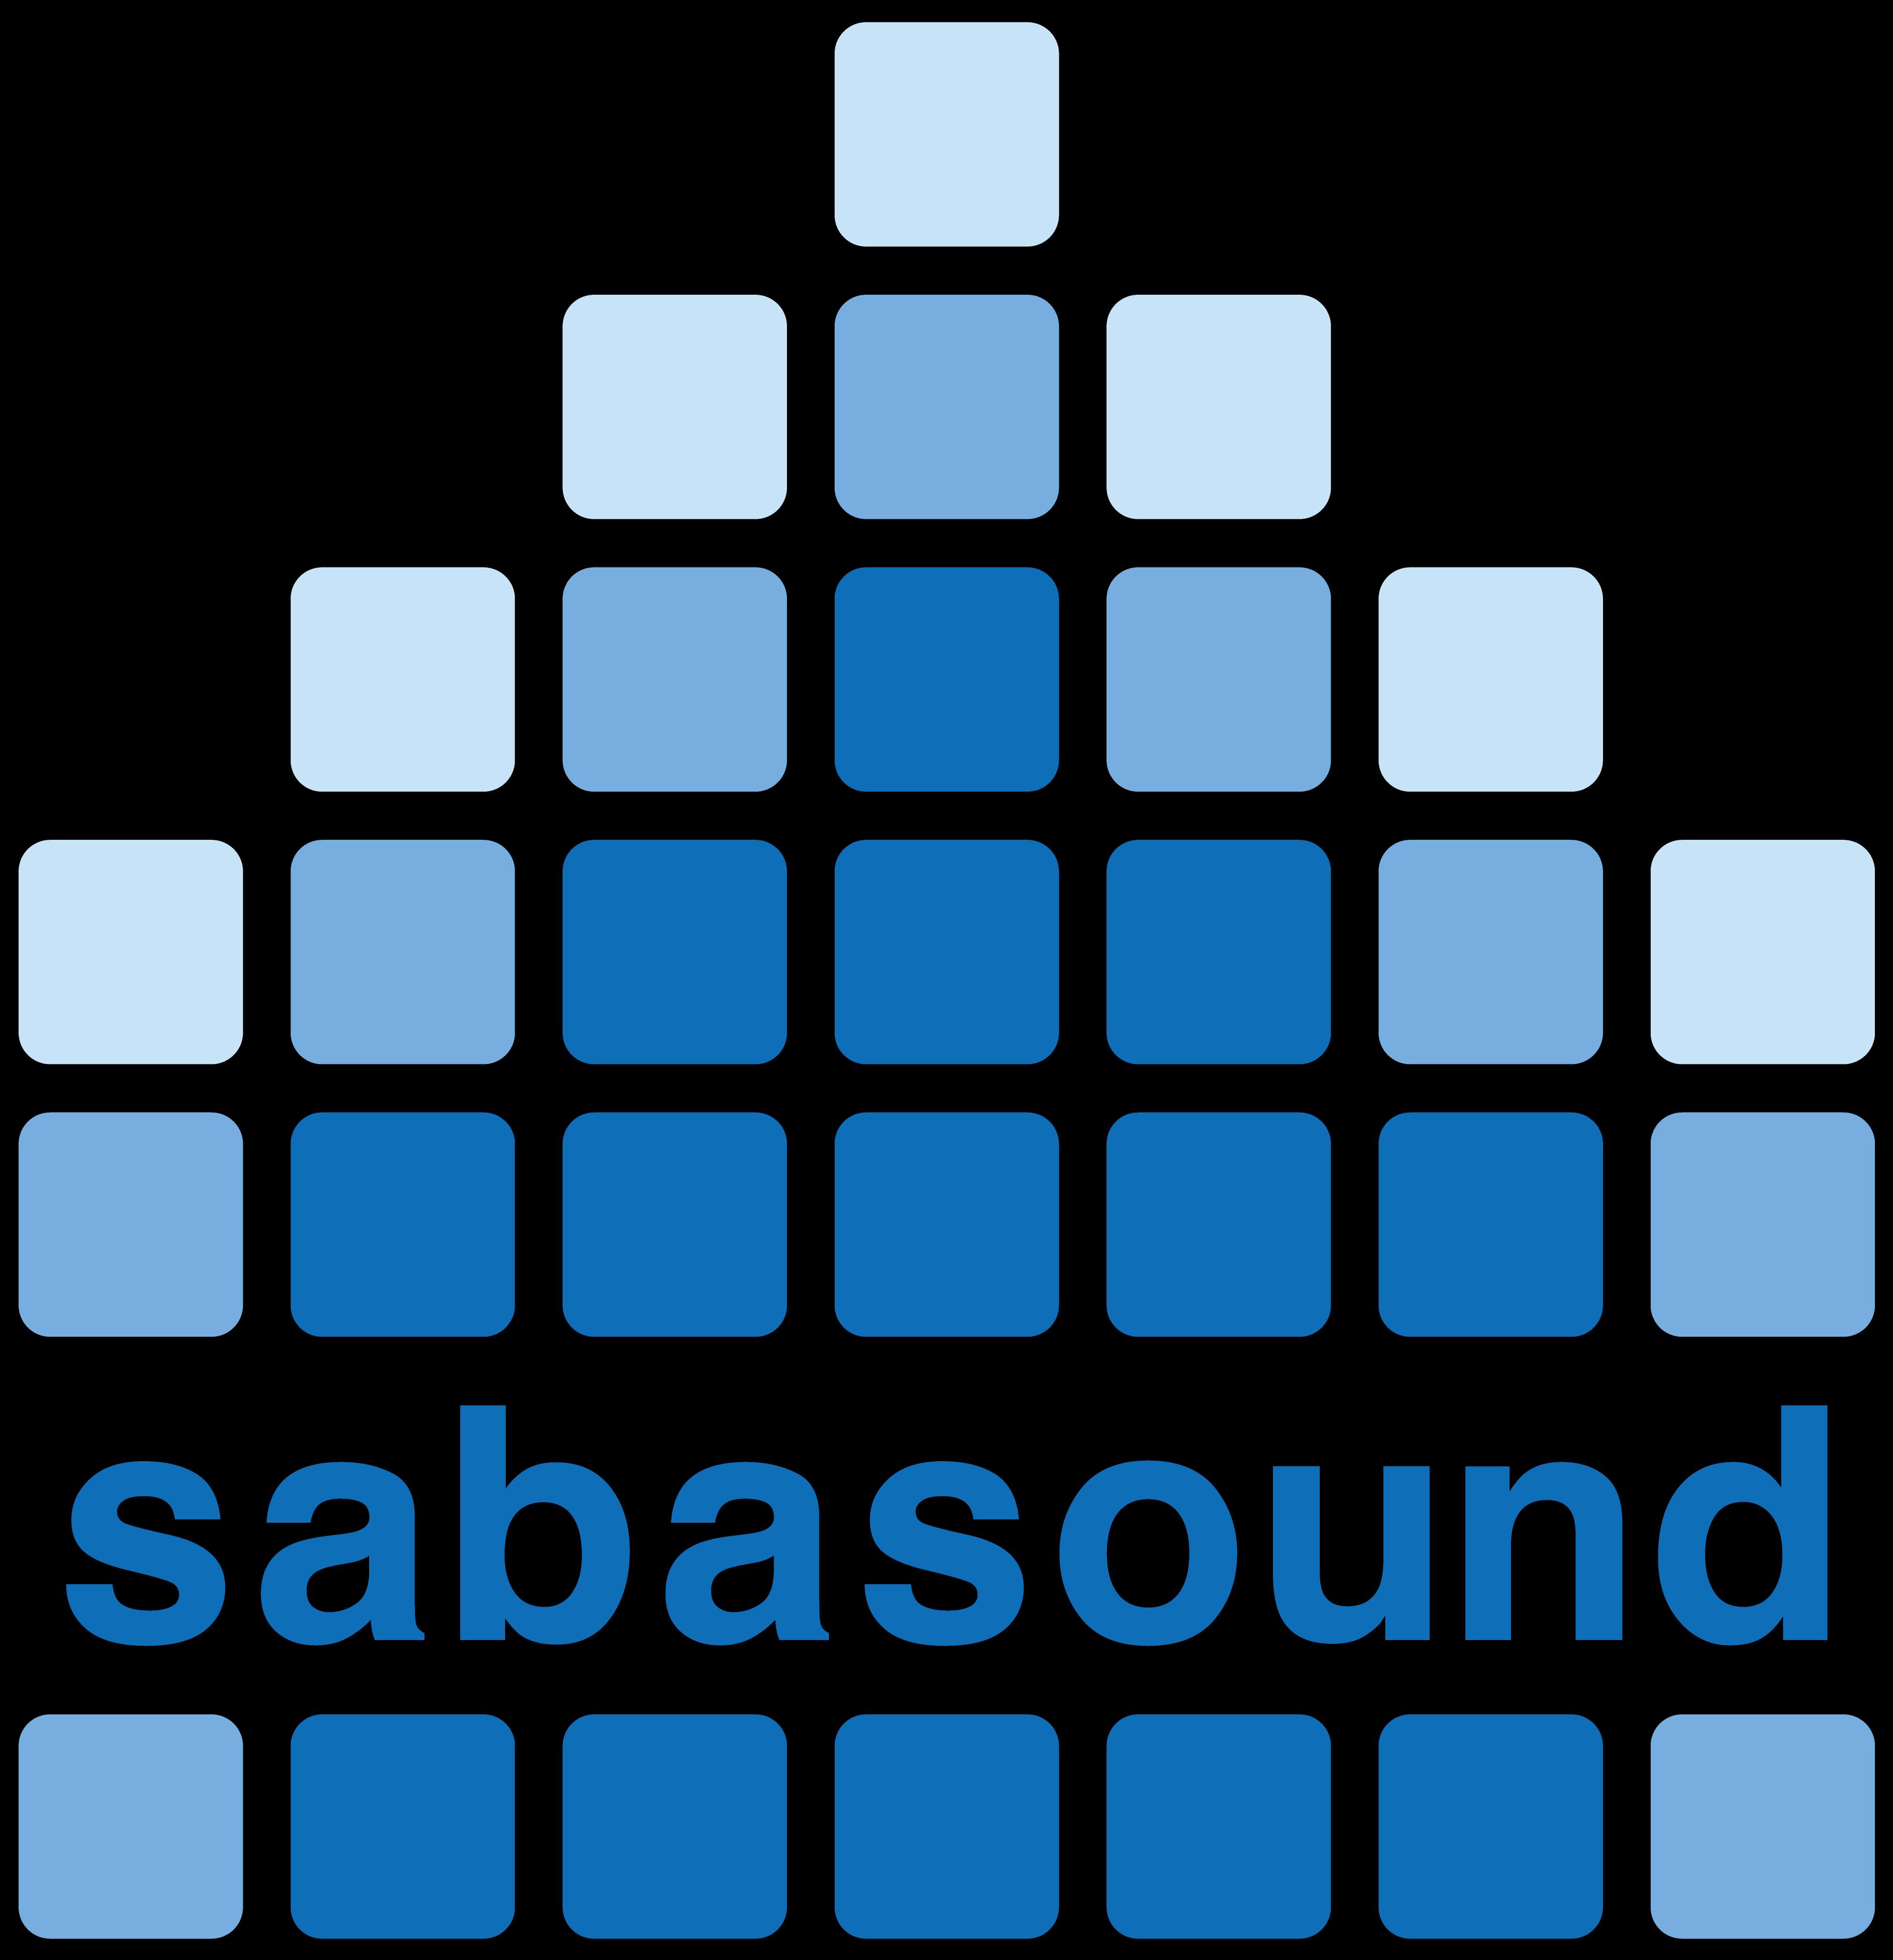 SabaSound サバサウンド